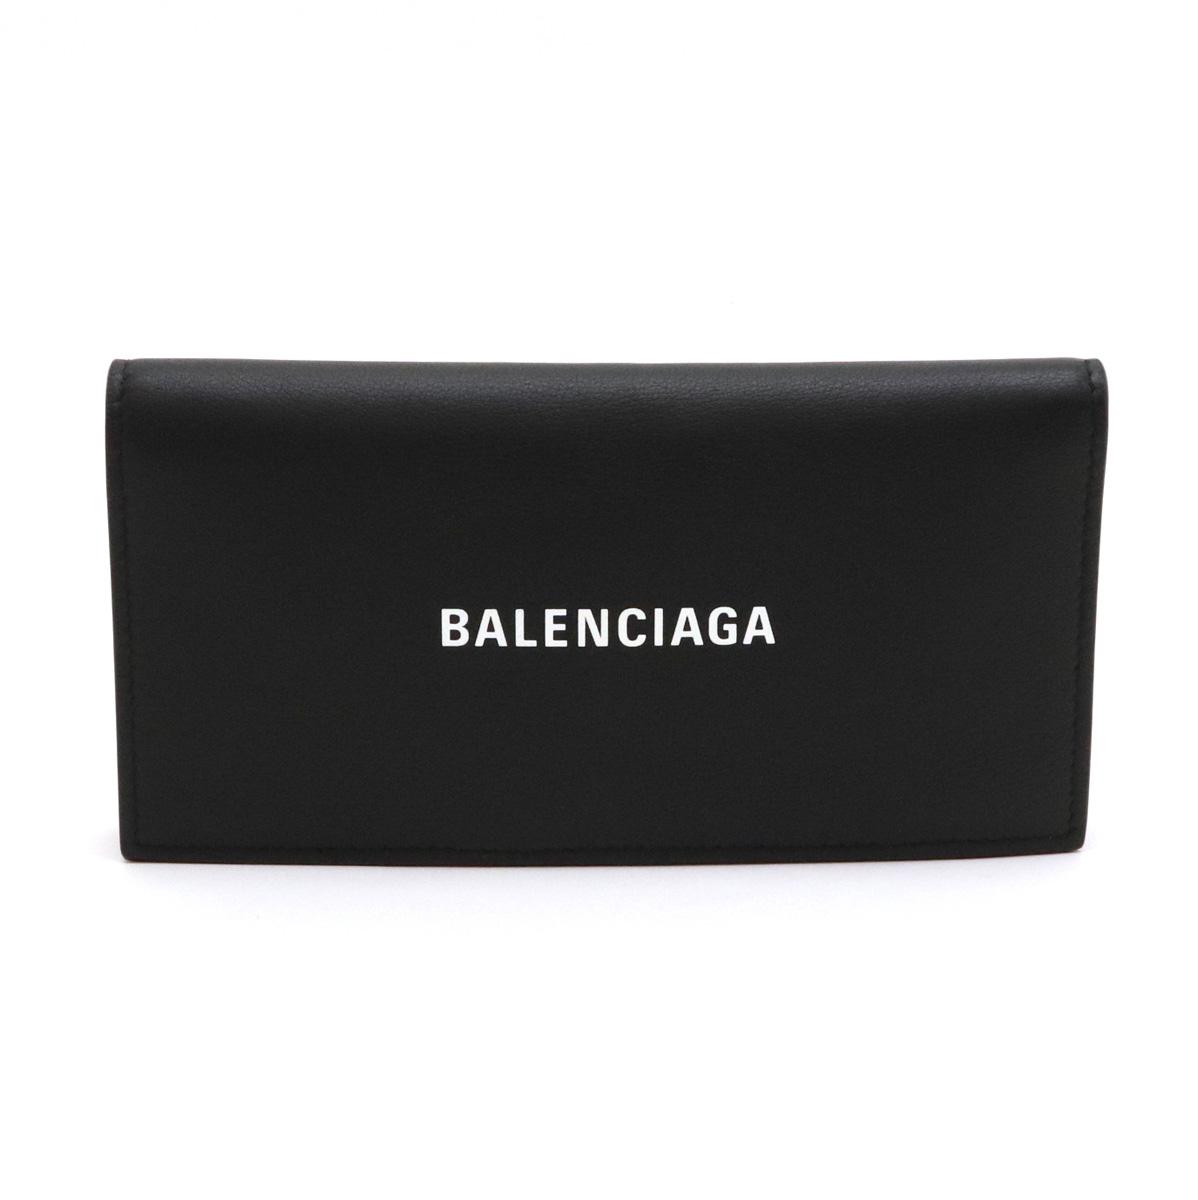 【財布】BALENCIAGA バレンシアガ ロゴ エブリデイ 2つ折長財布 二つ折り レザー ブラック 黒 531522 【中古】